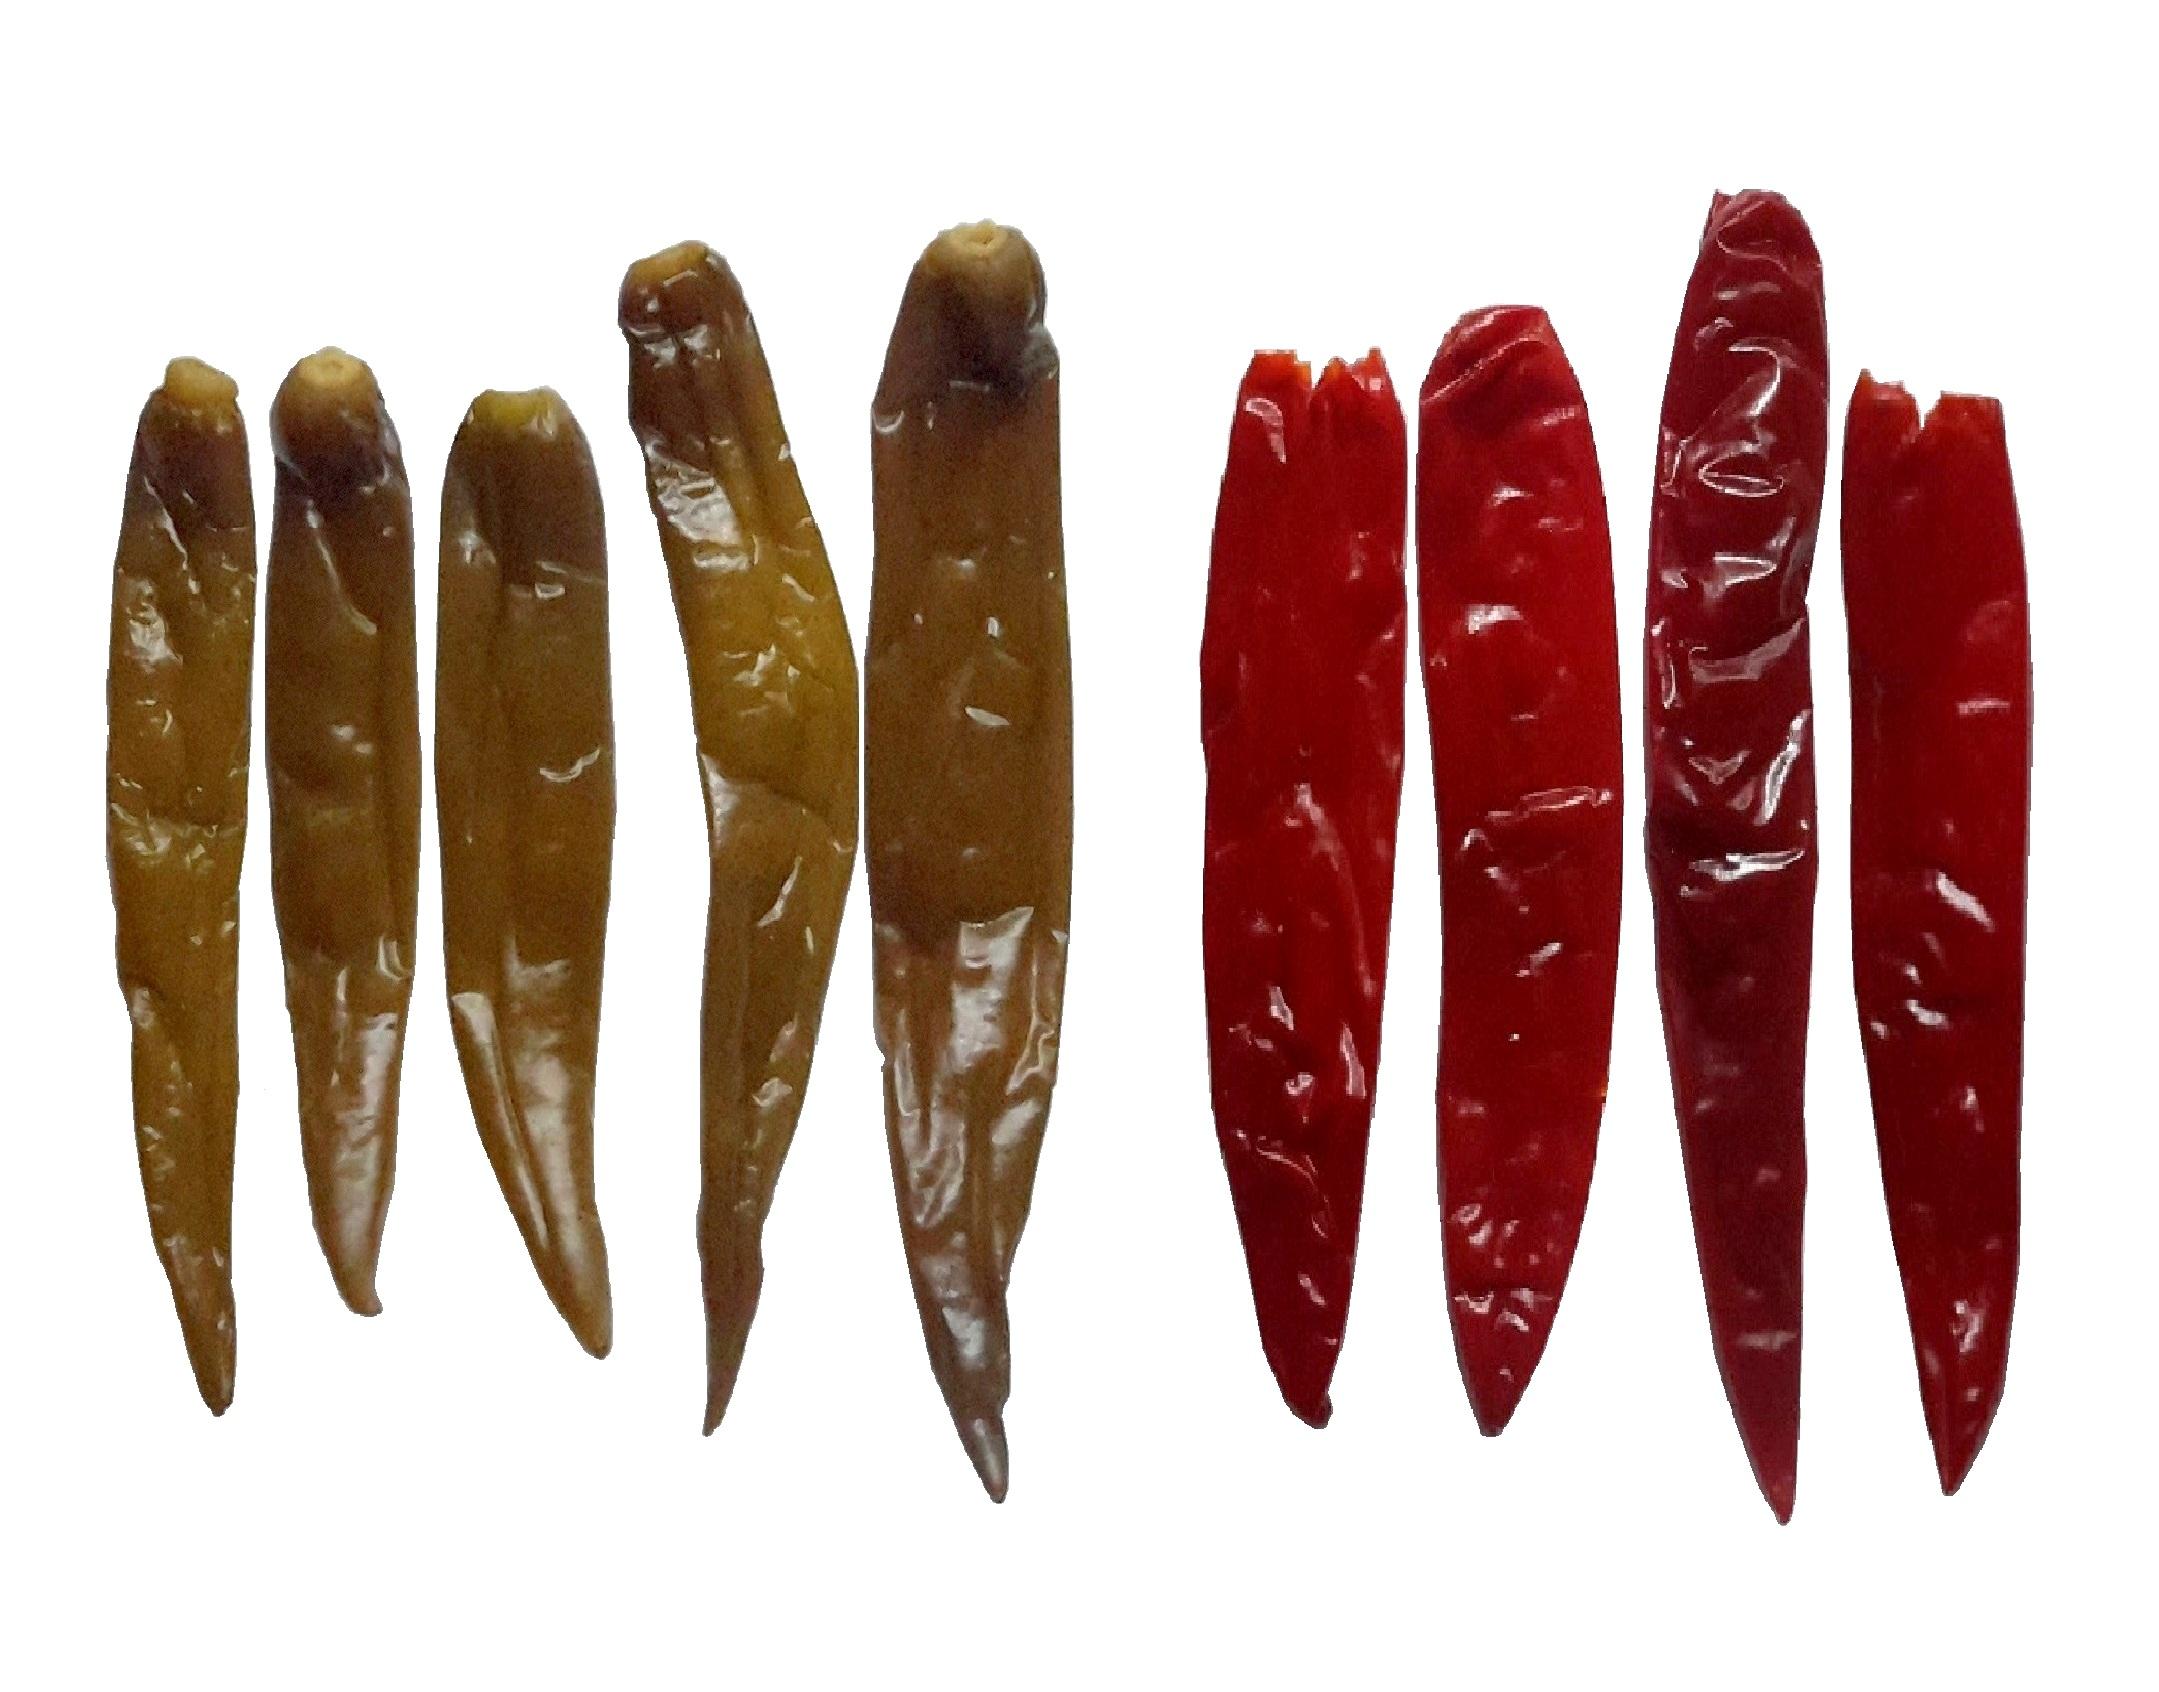 Salted chili